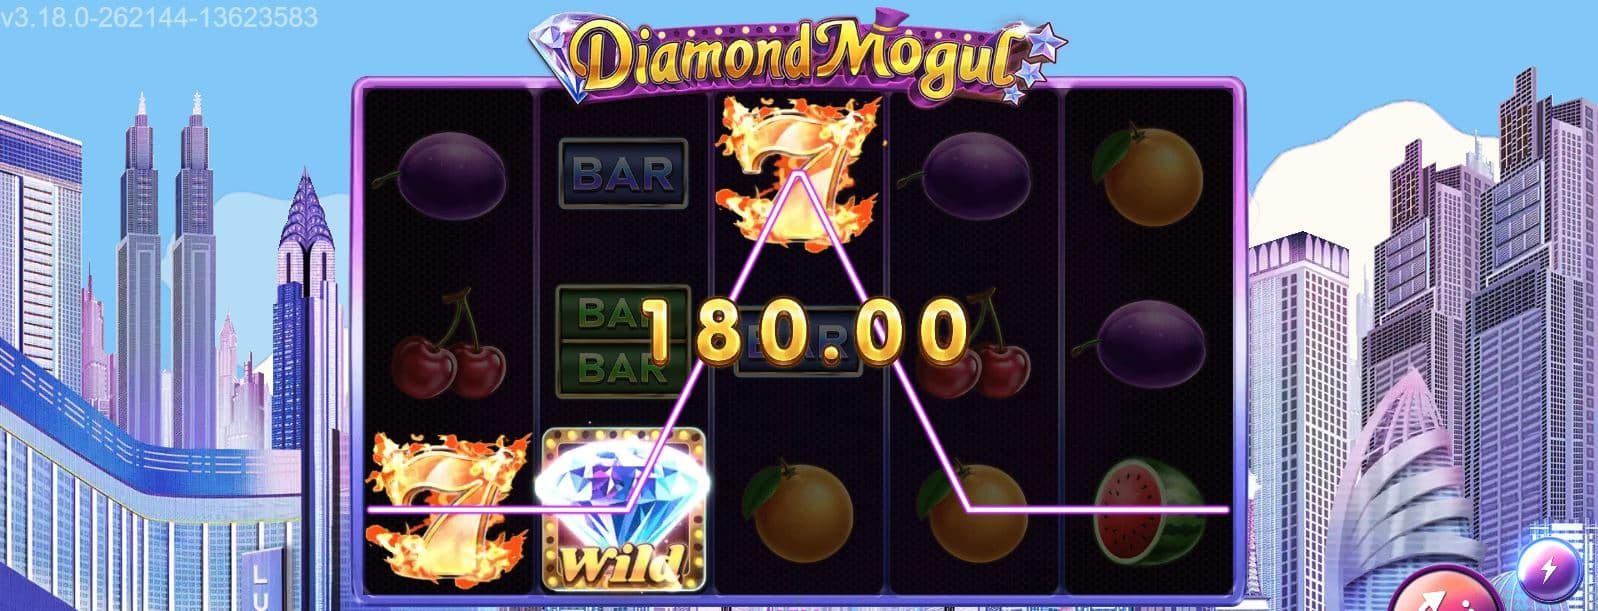 ดาวน์โหลดjoker-slot-online-ฟรีเครดิต-สล็อตเครดิตฟรี